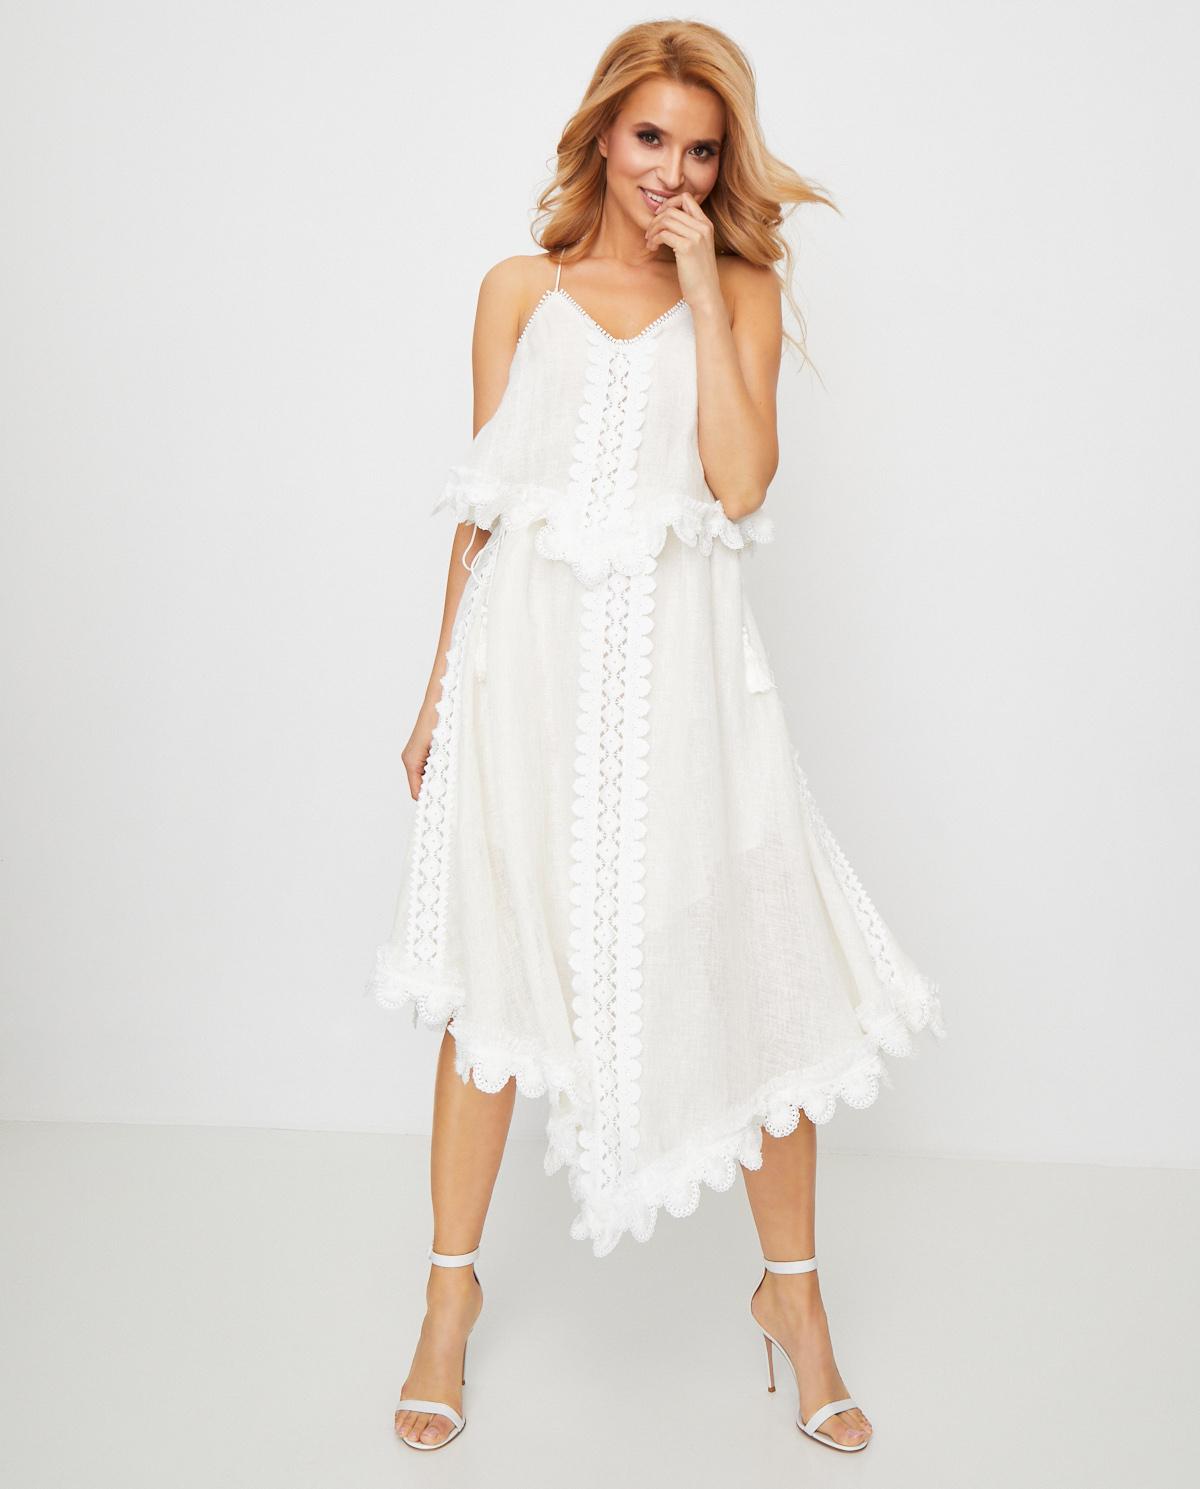 Damska biała sukienka Better Still Ixiah 92-80480 WHITE